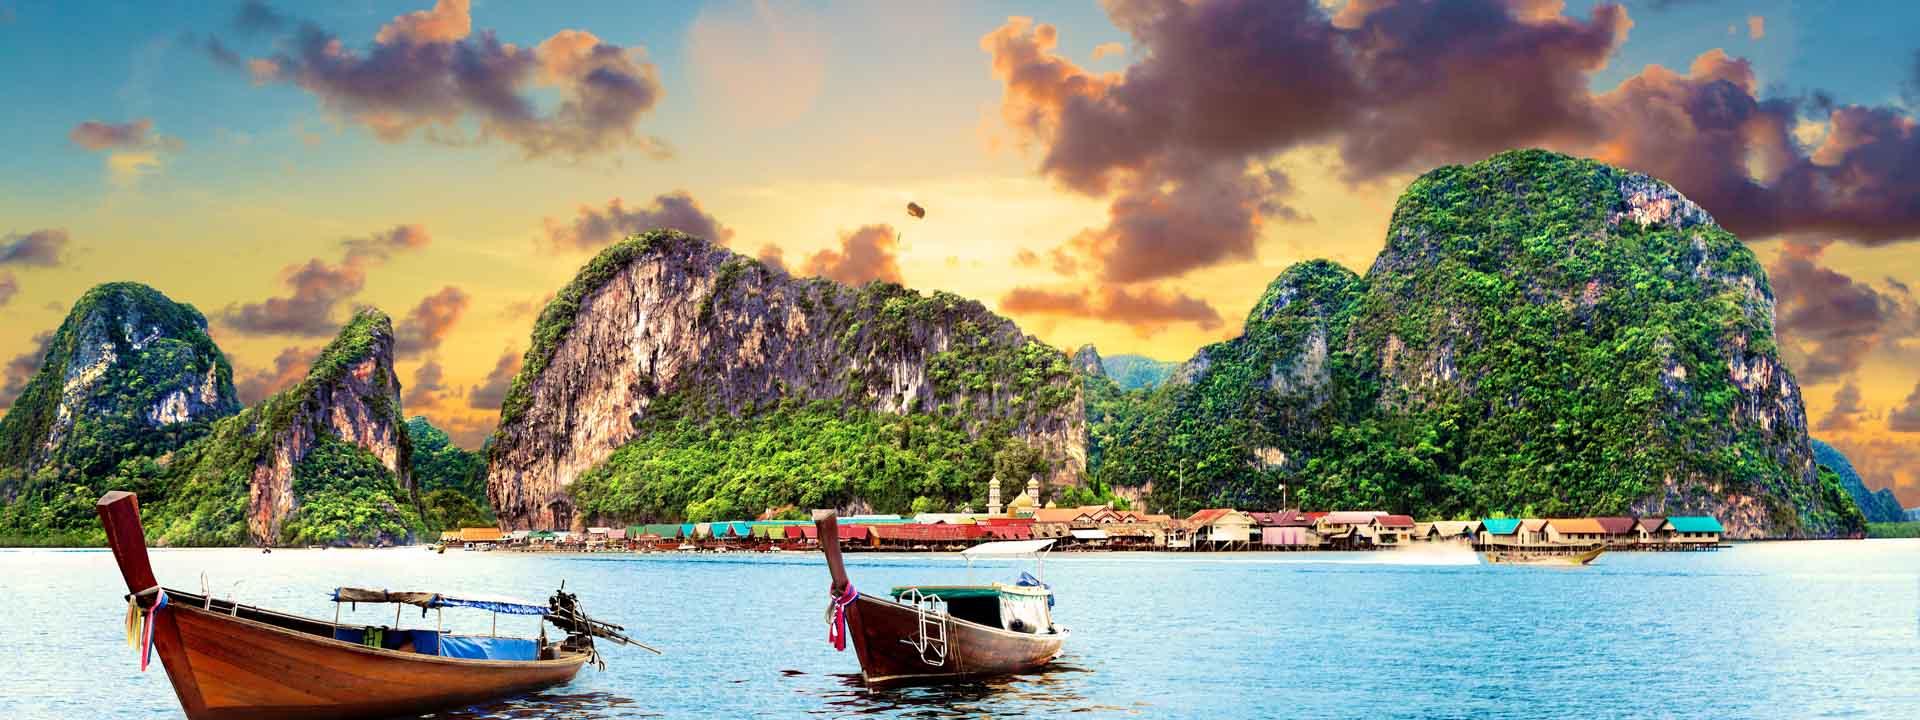 Romantic Thailand 11 days